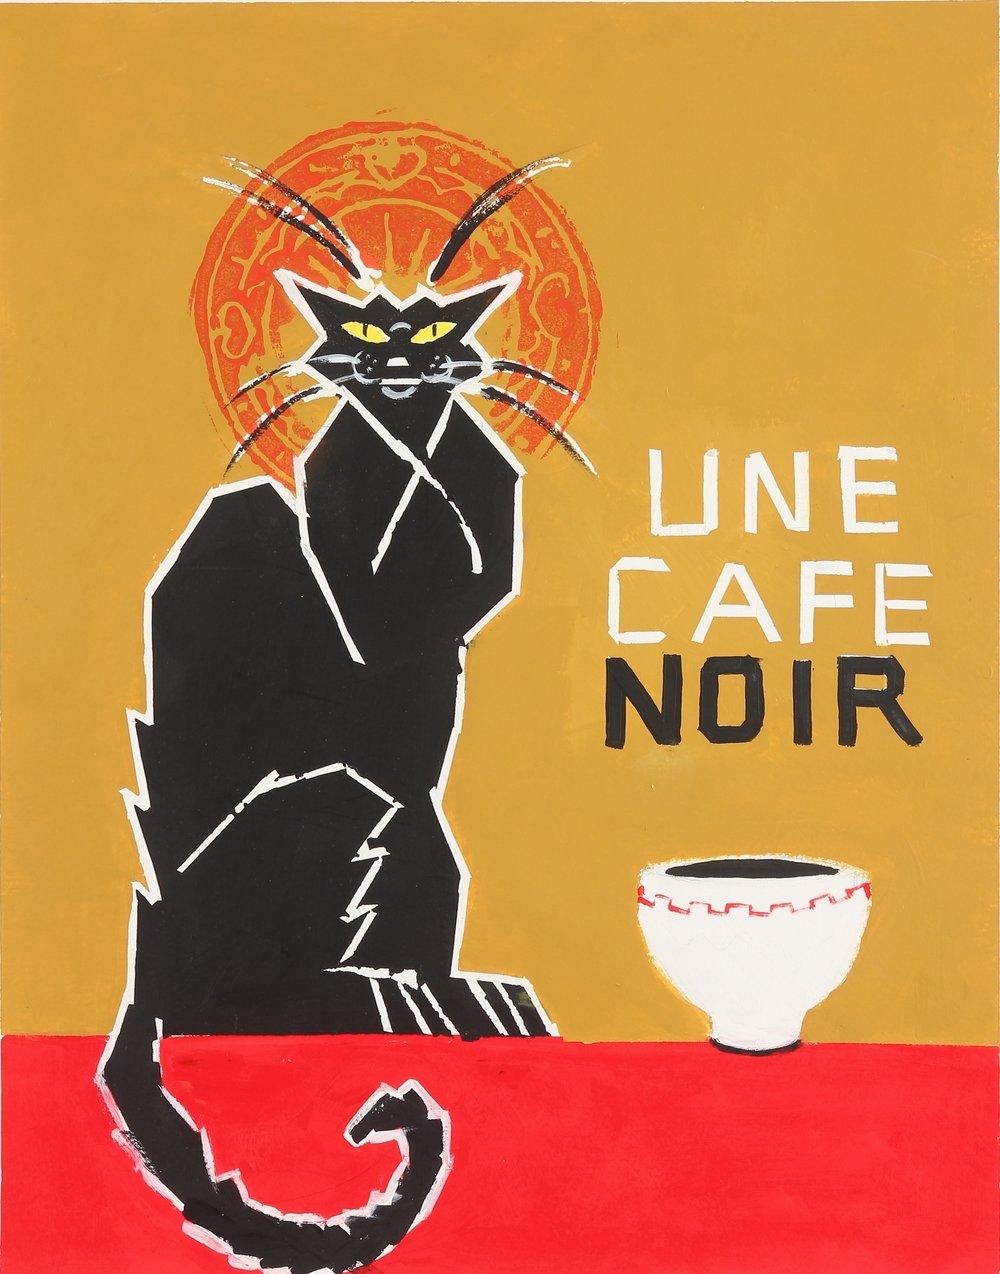 Une Cafe Noir